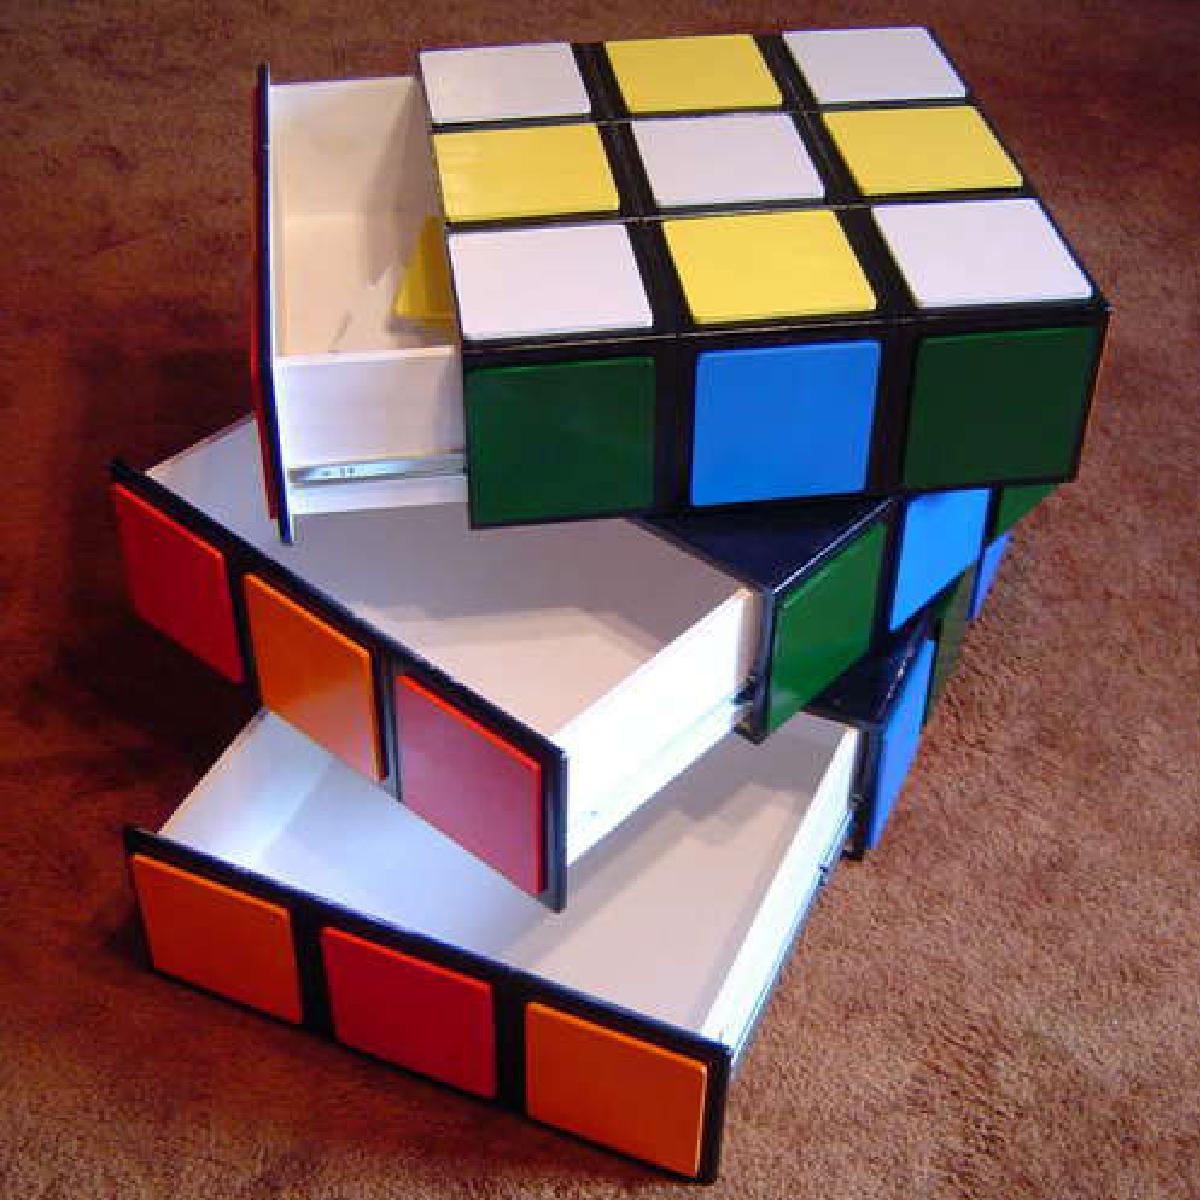 Cadeaux 2 ouf id es de cadeaux insolites et originaux 10 objets en forme de rubik s cube Rangement a faire soi meme